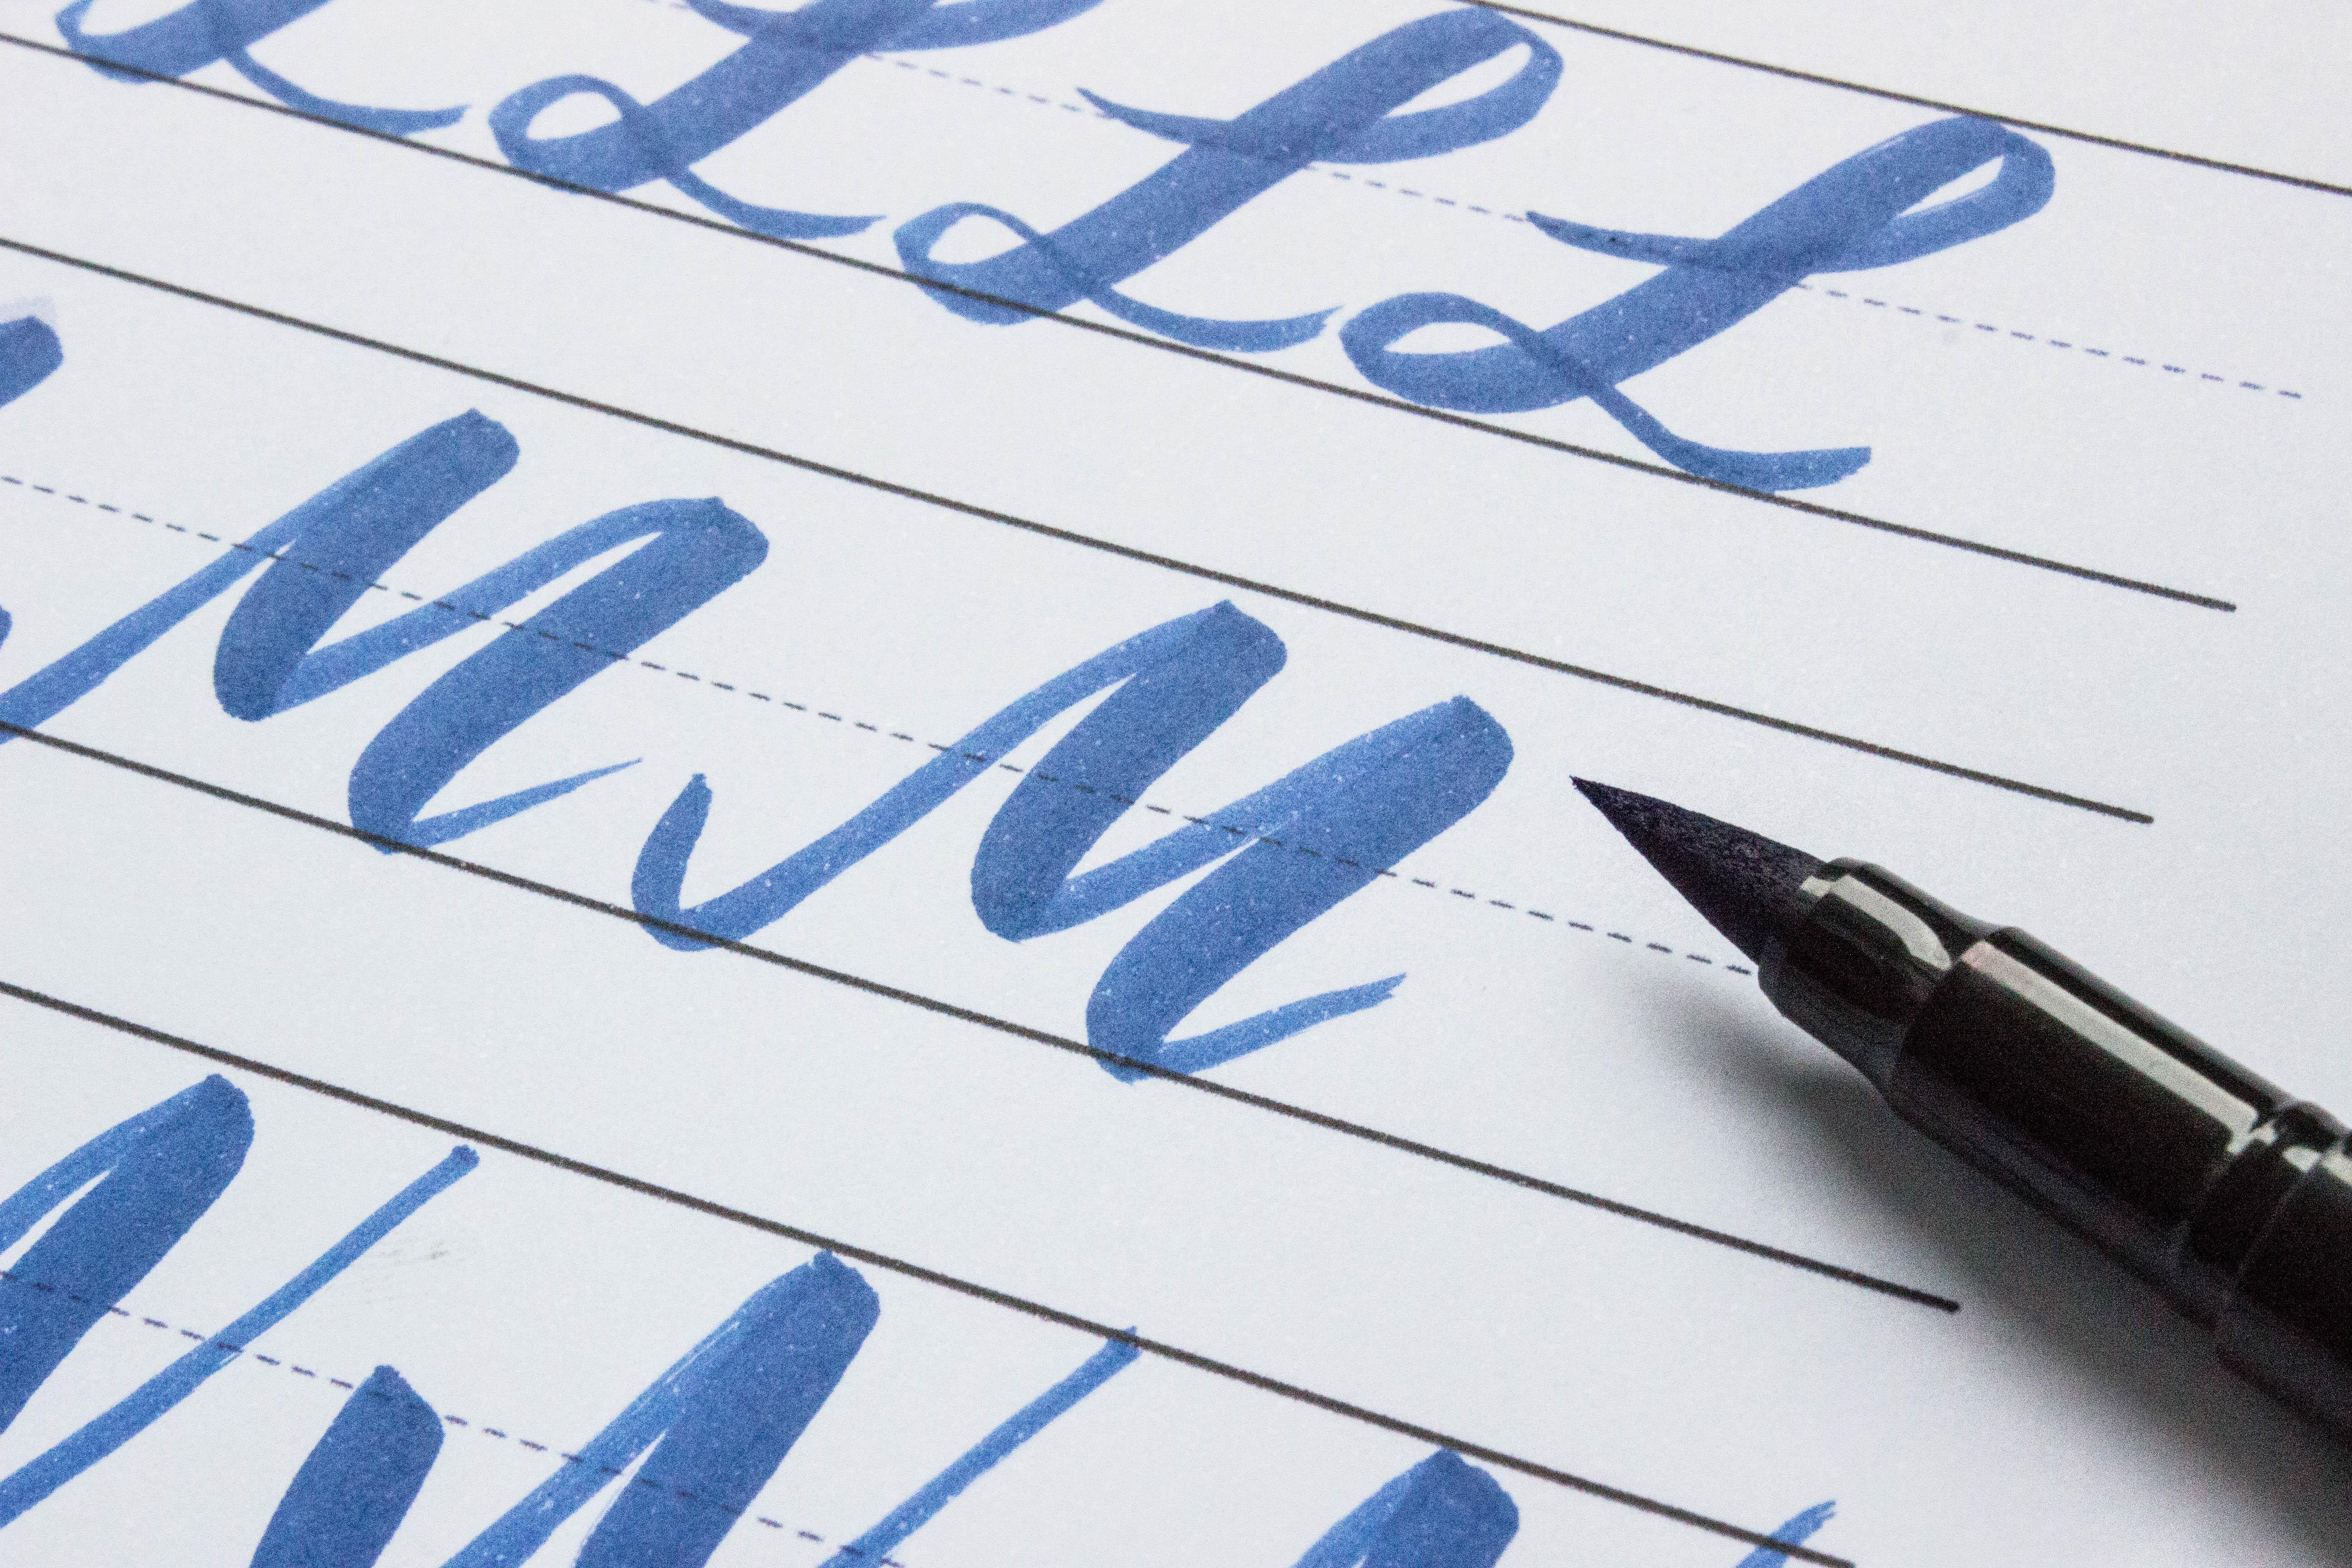 brush-lettering-guide-14-of-14